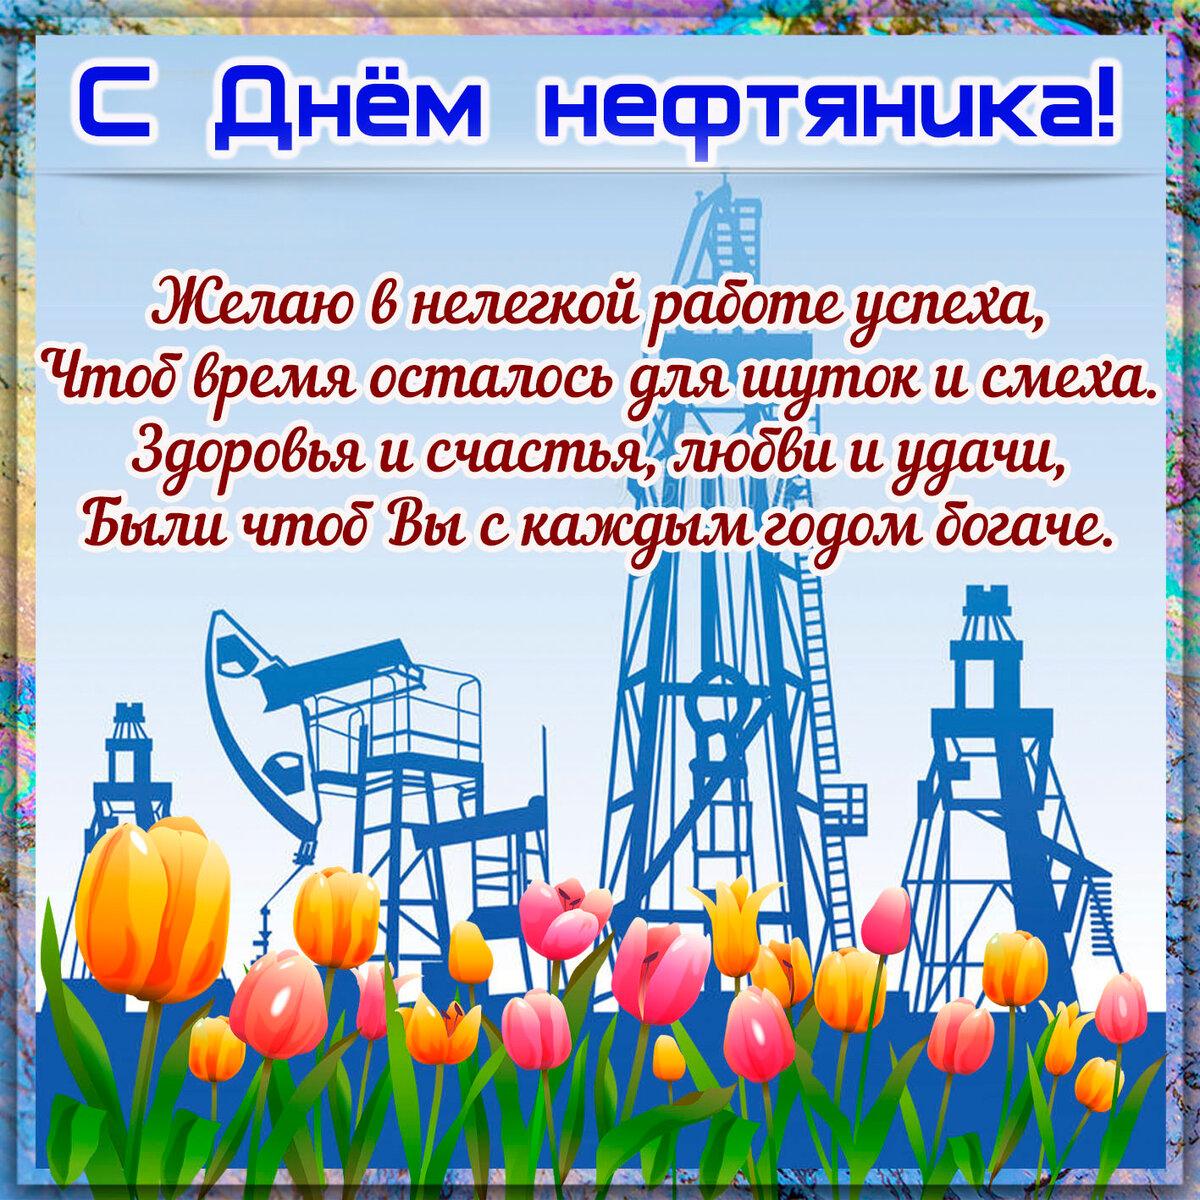 Пожелания на день нефтяника в прозе